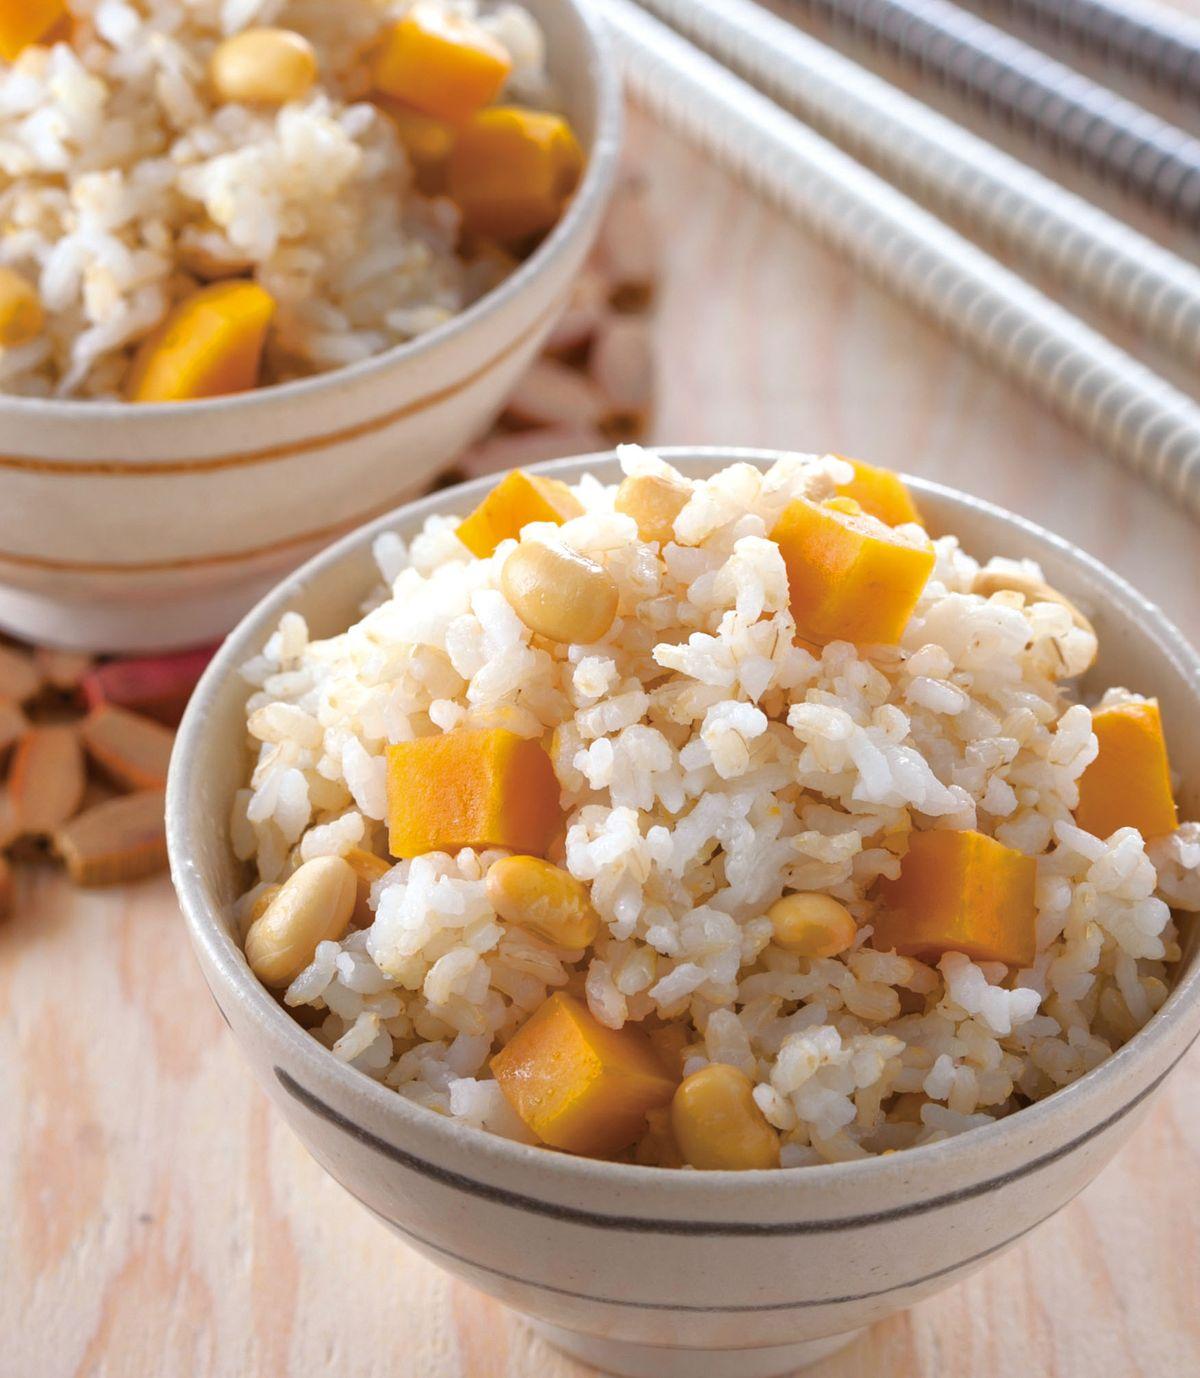 食譜:糙米黃豆地瓜飯